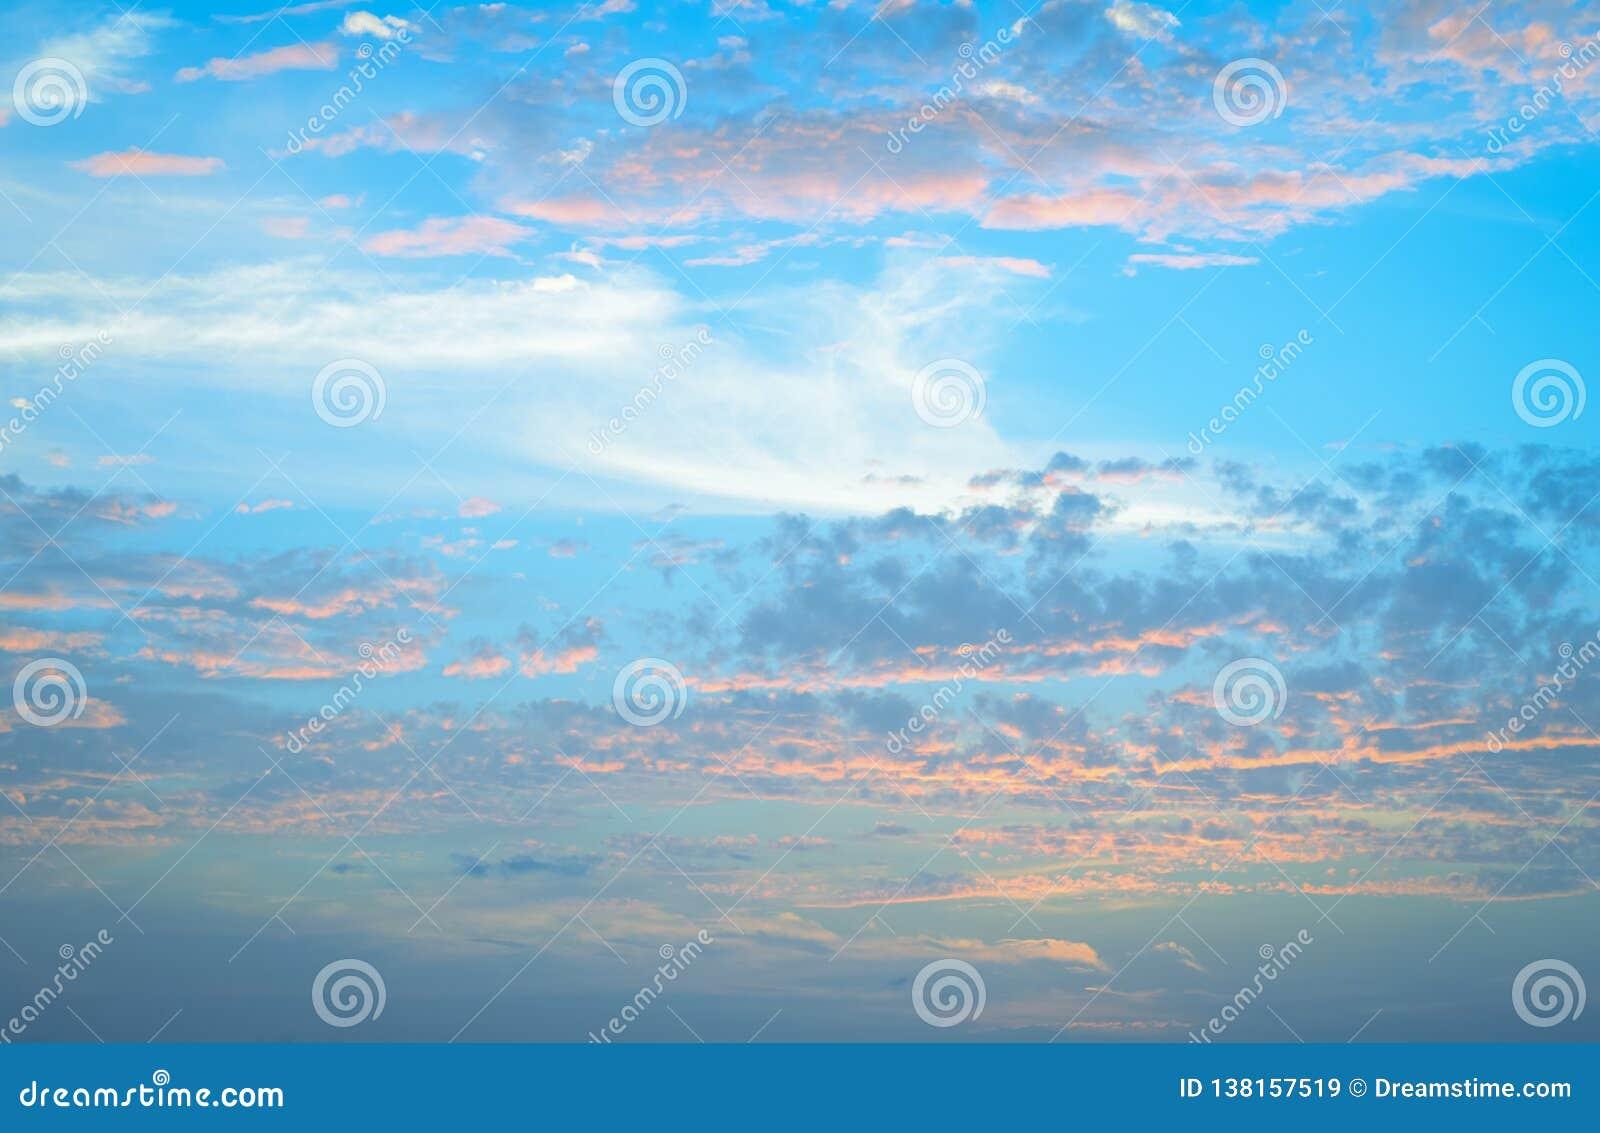 Soft pastel blue sky